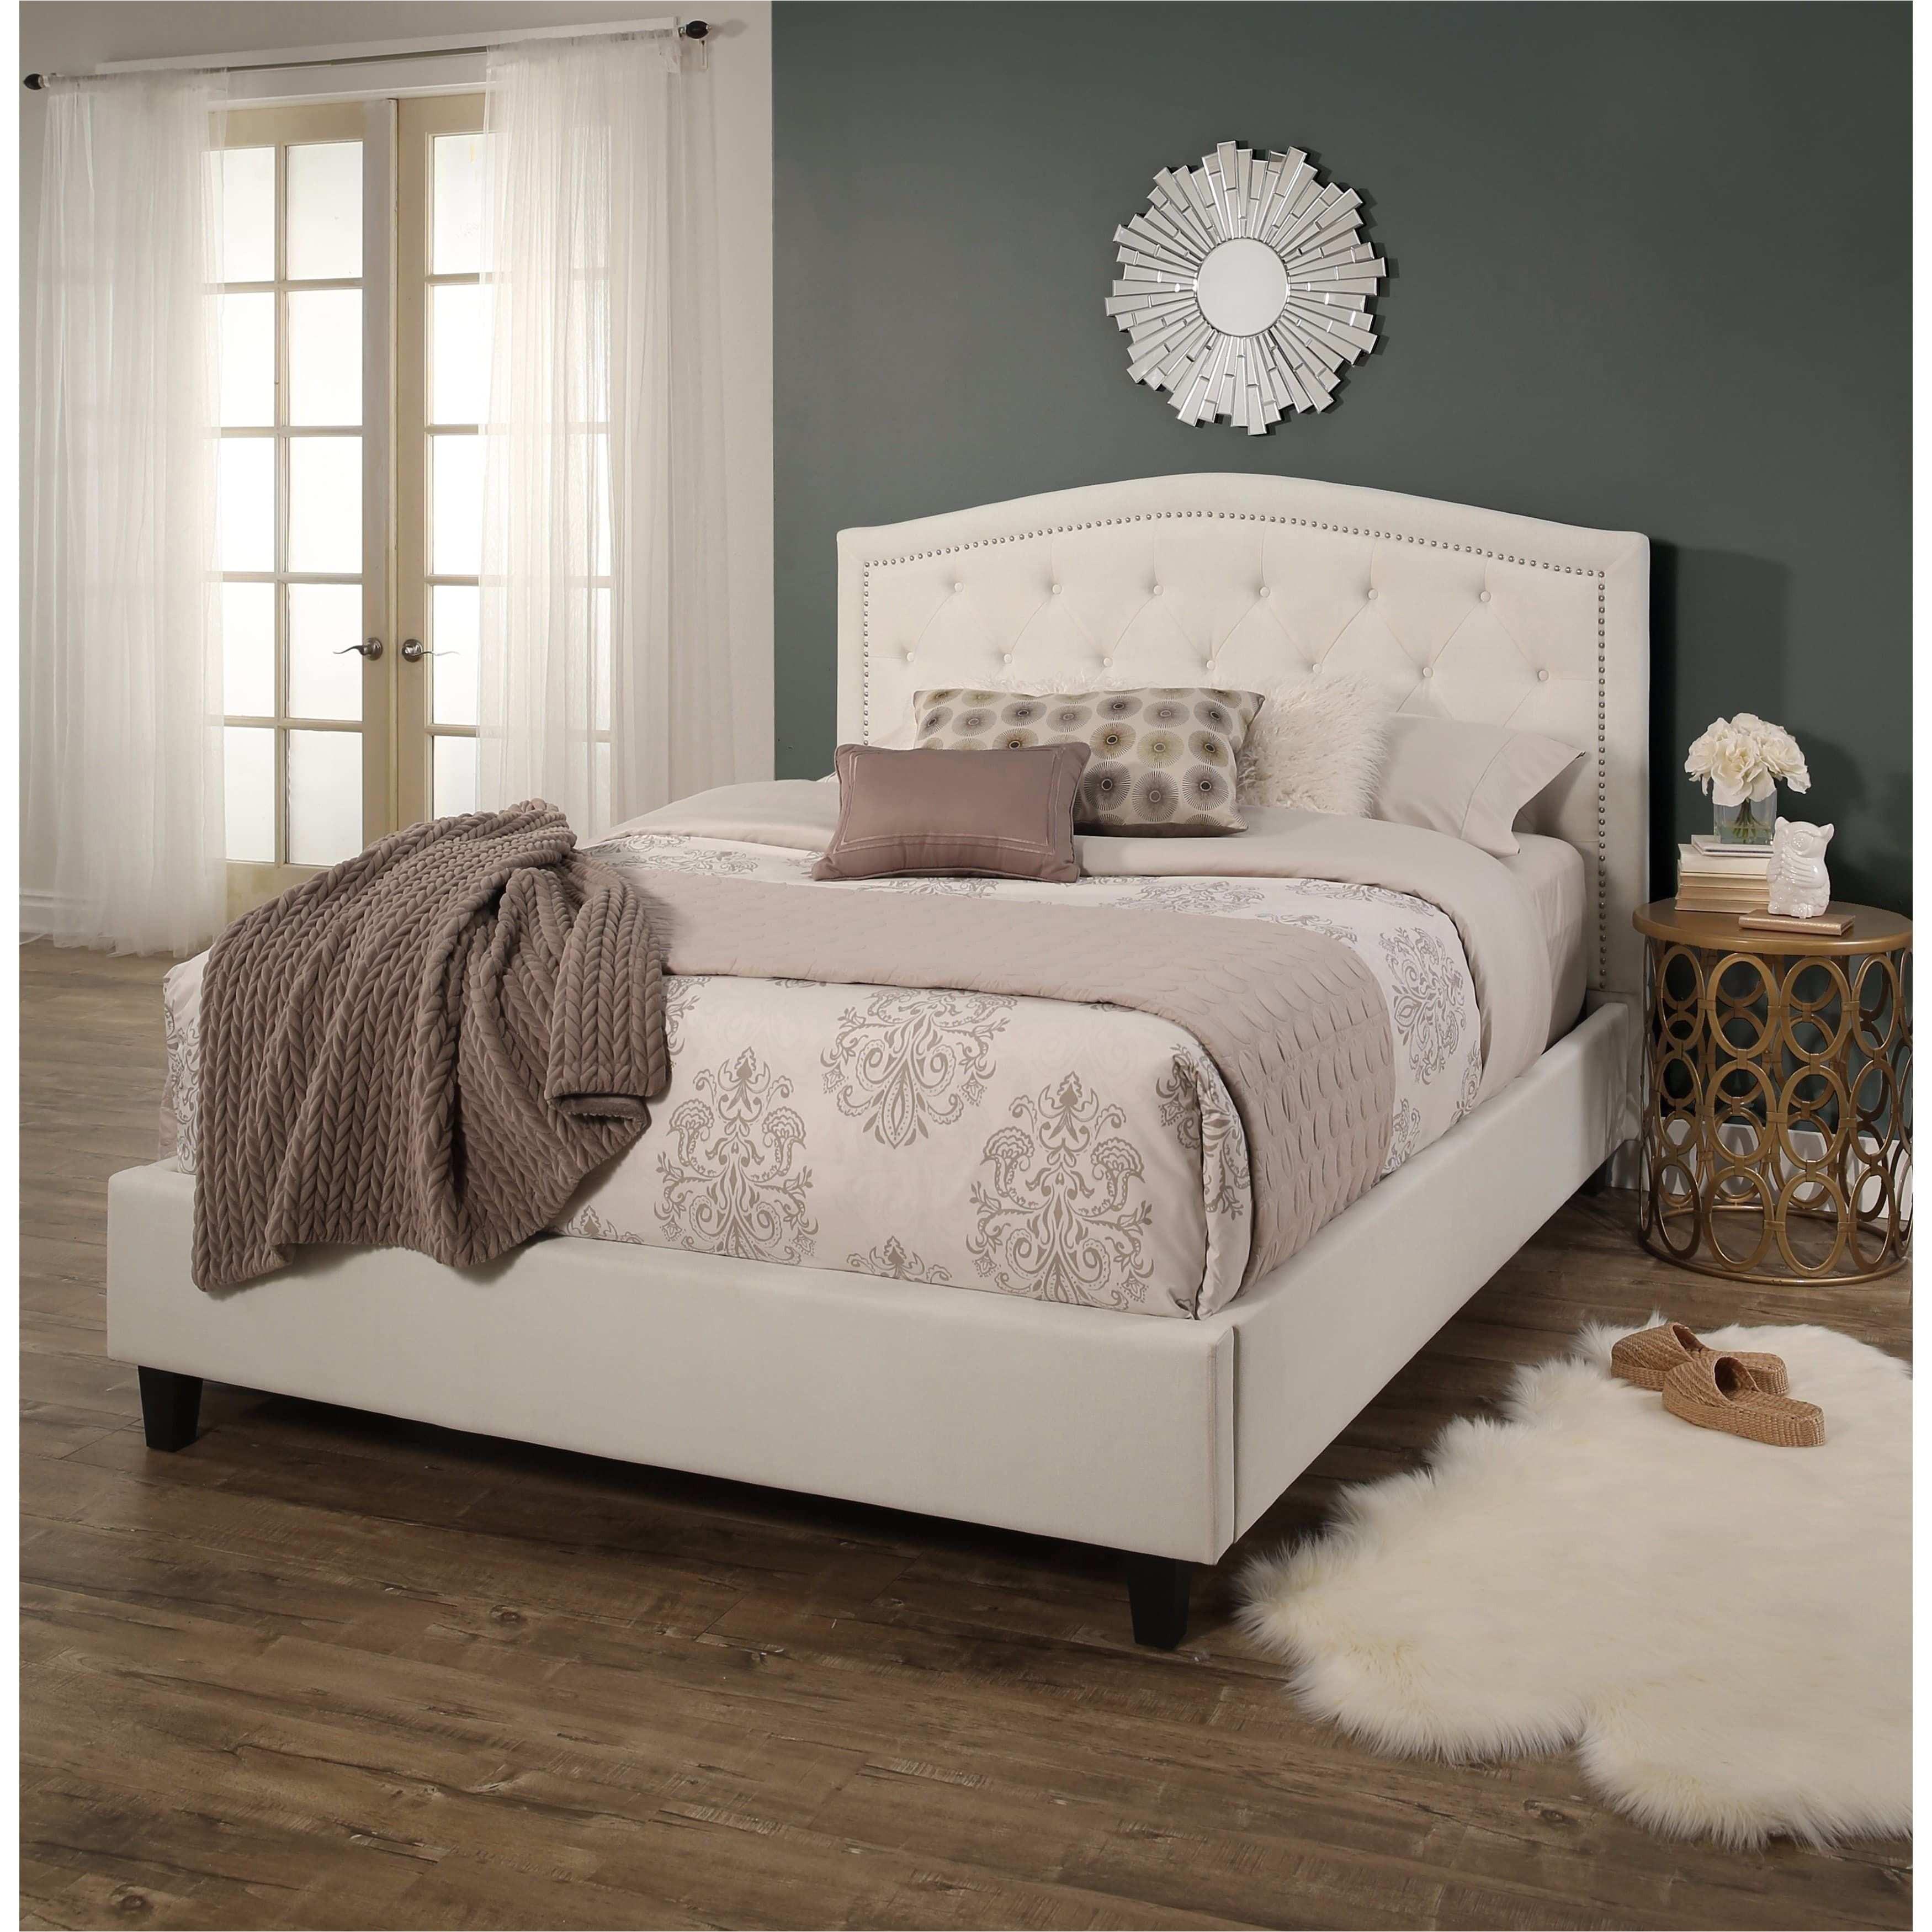 best platform bed frame unique abbyson hampton tufted upholstery platform bed of best platform bed frame